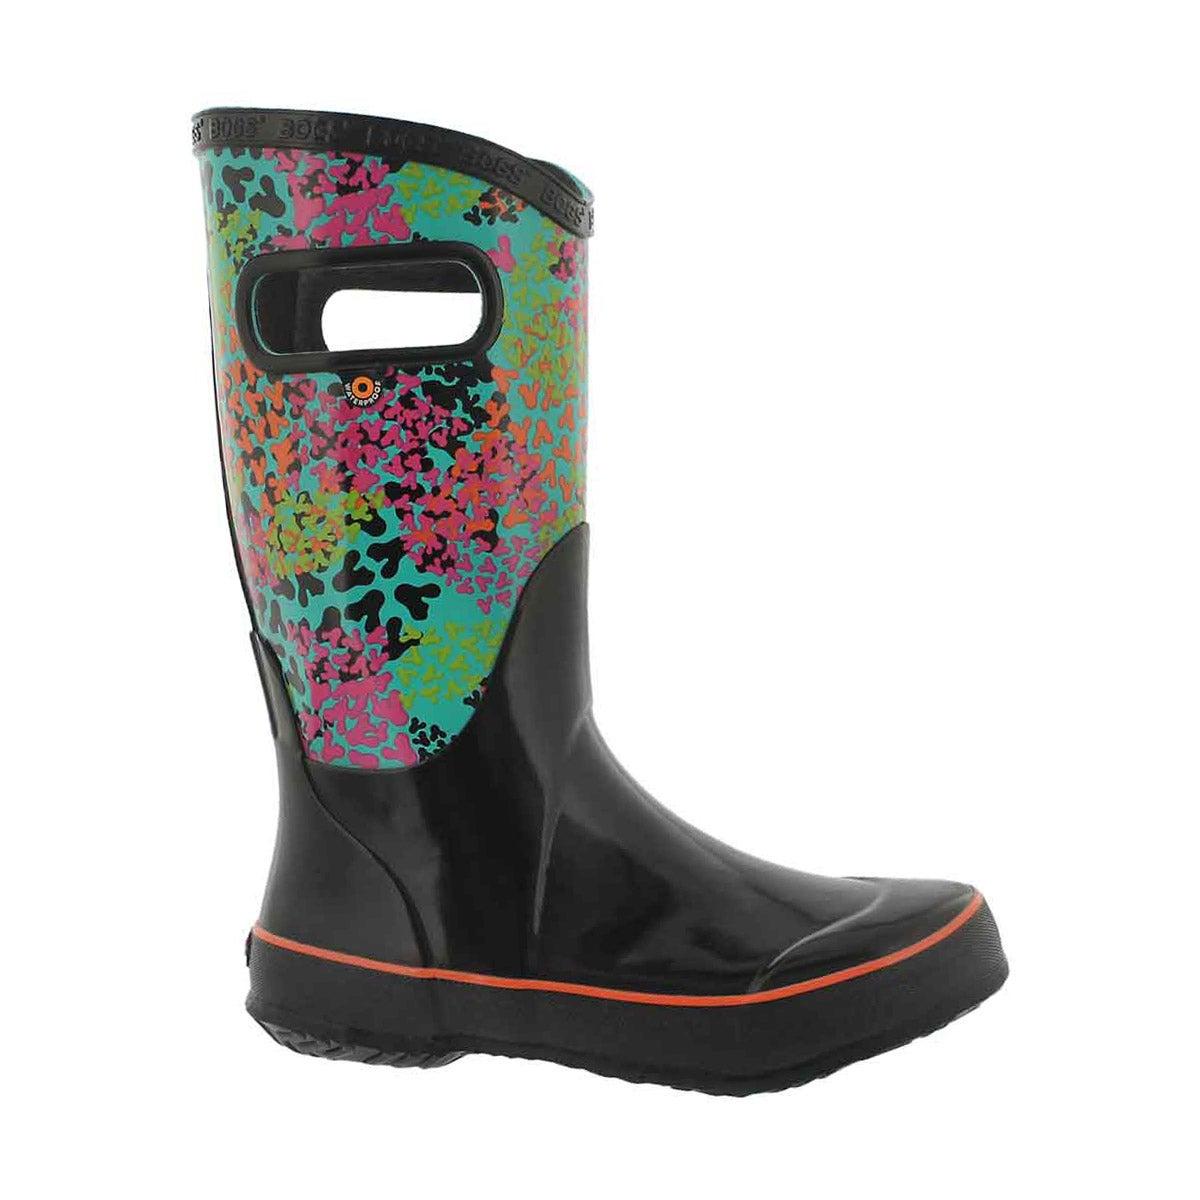 Girls' FOOTPRINTS black multi rain boots